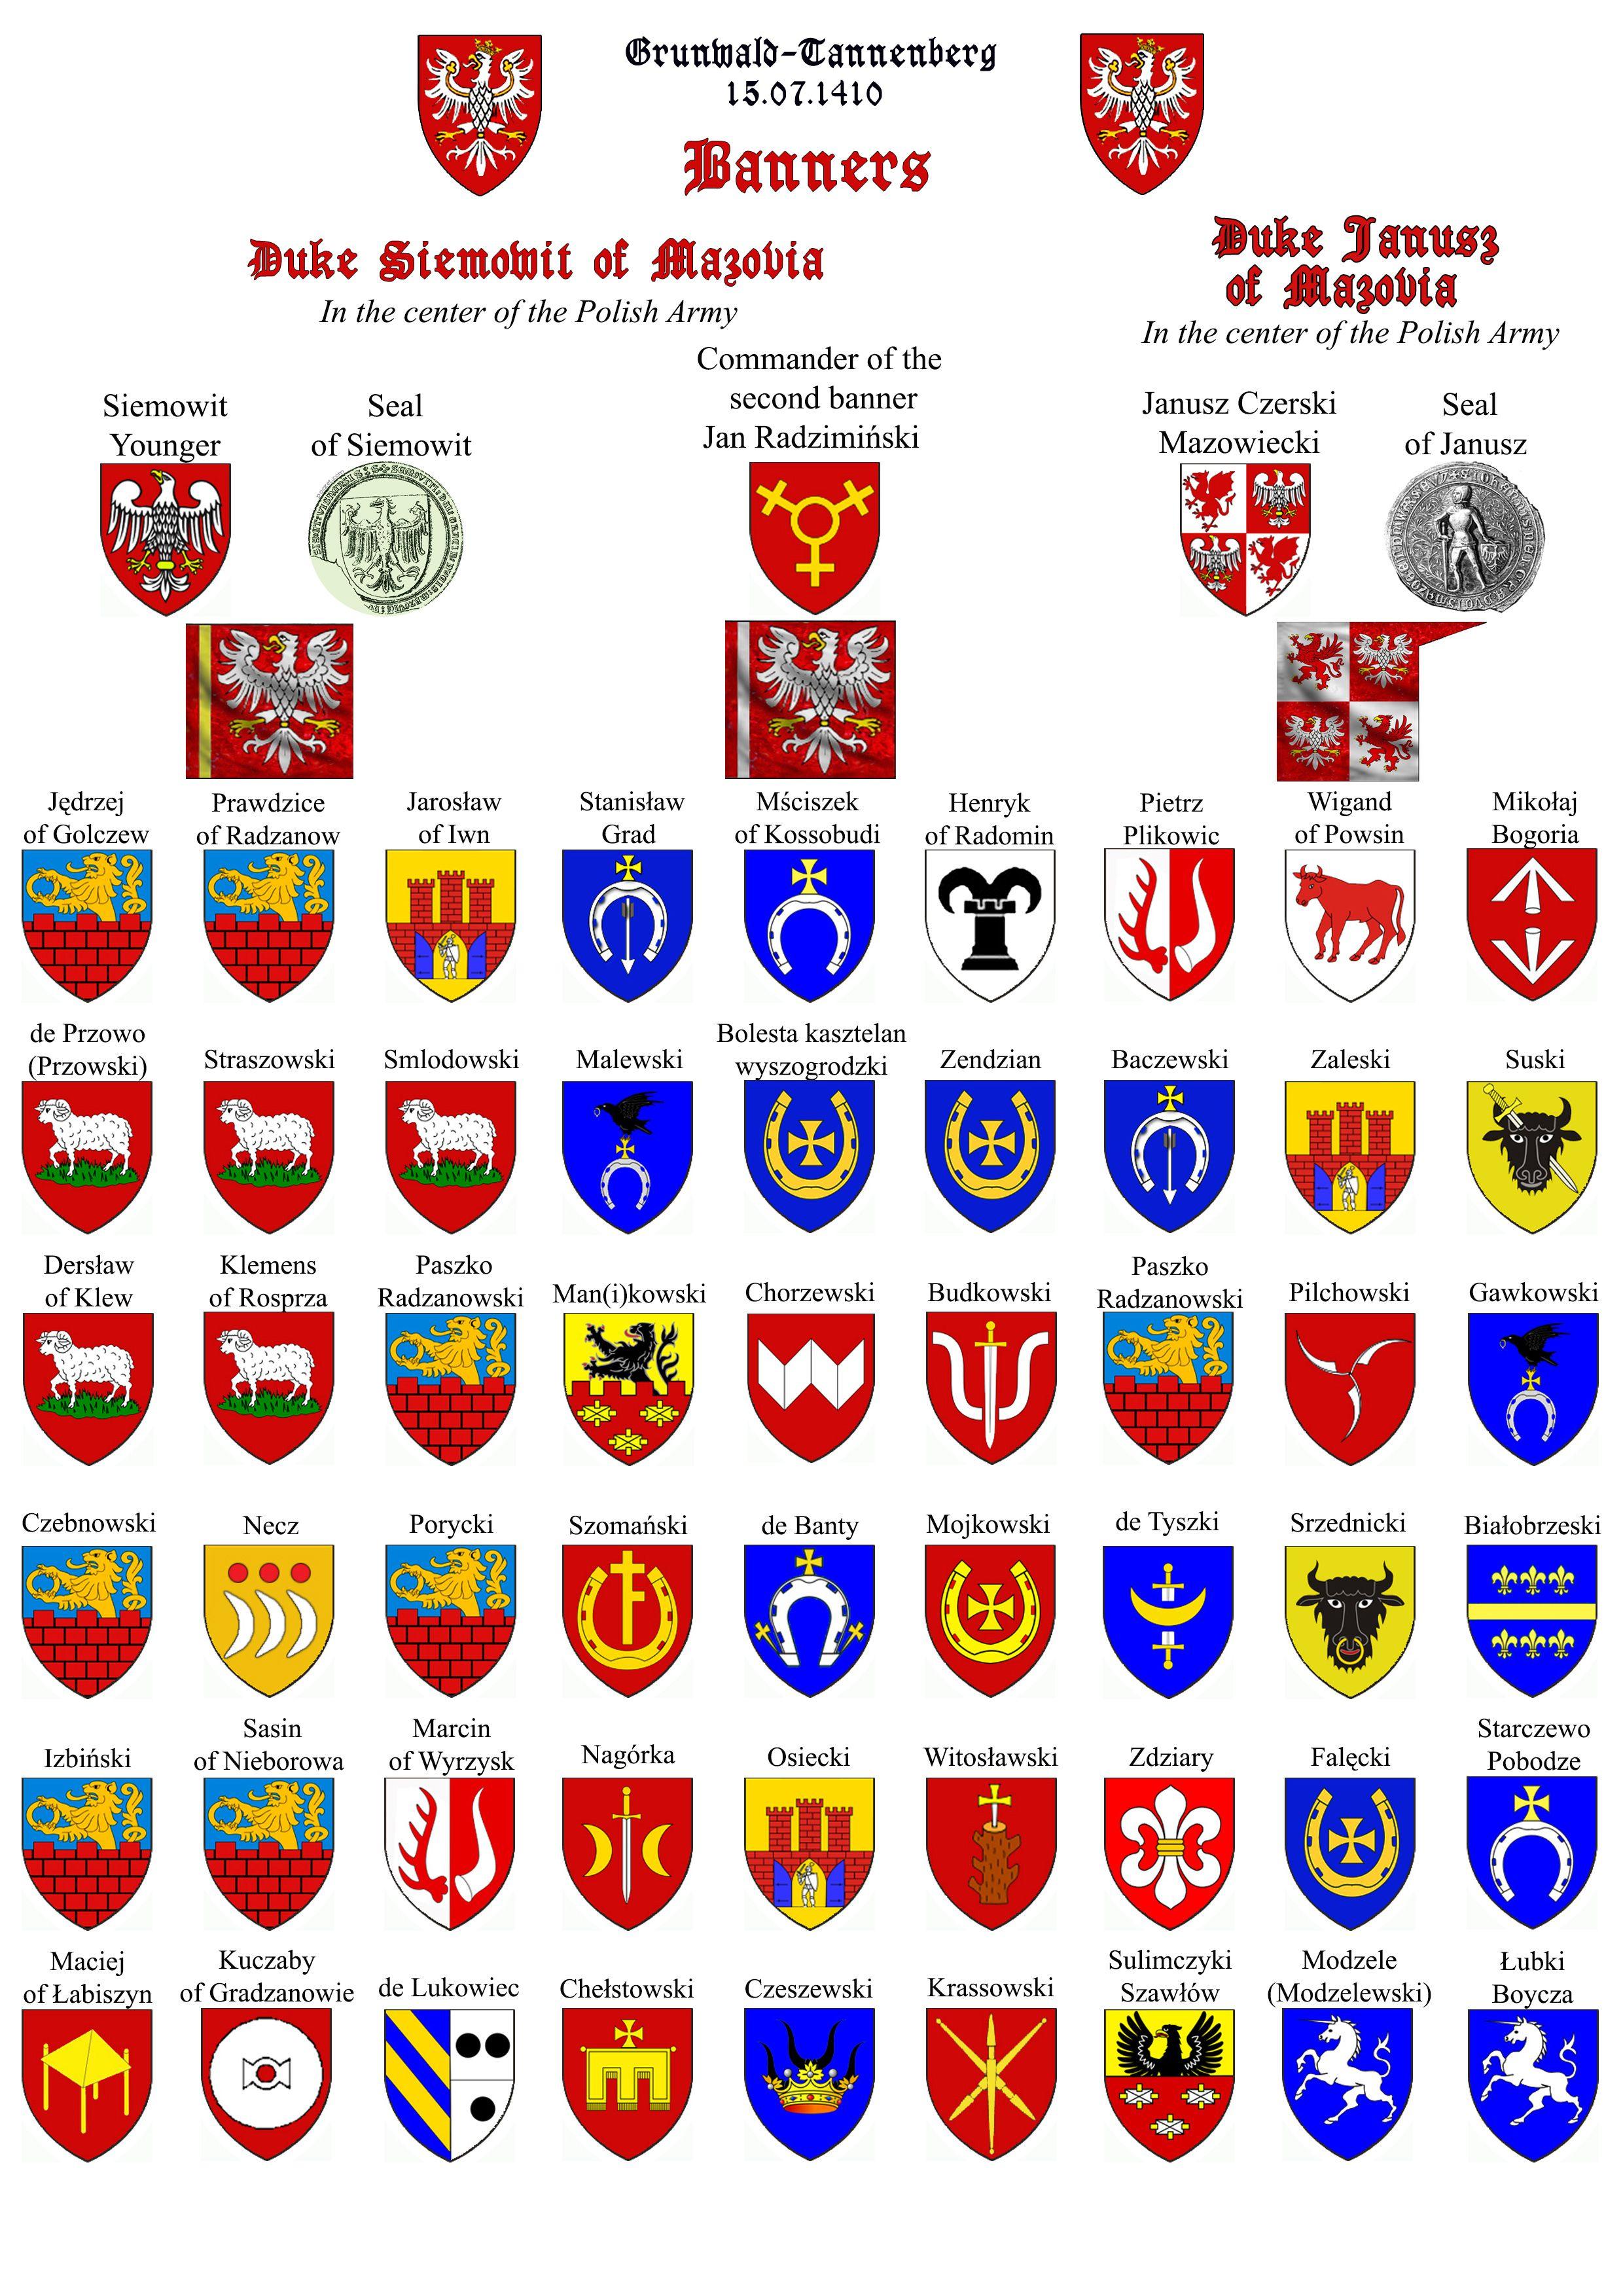 Pin von Alex Pawlik auf Teutonic Order Tannenberg/Grunwald 1410 ...